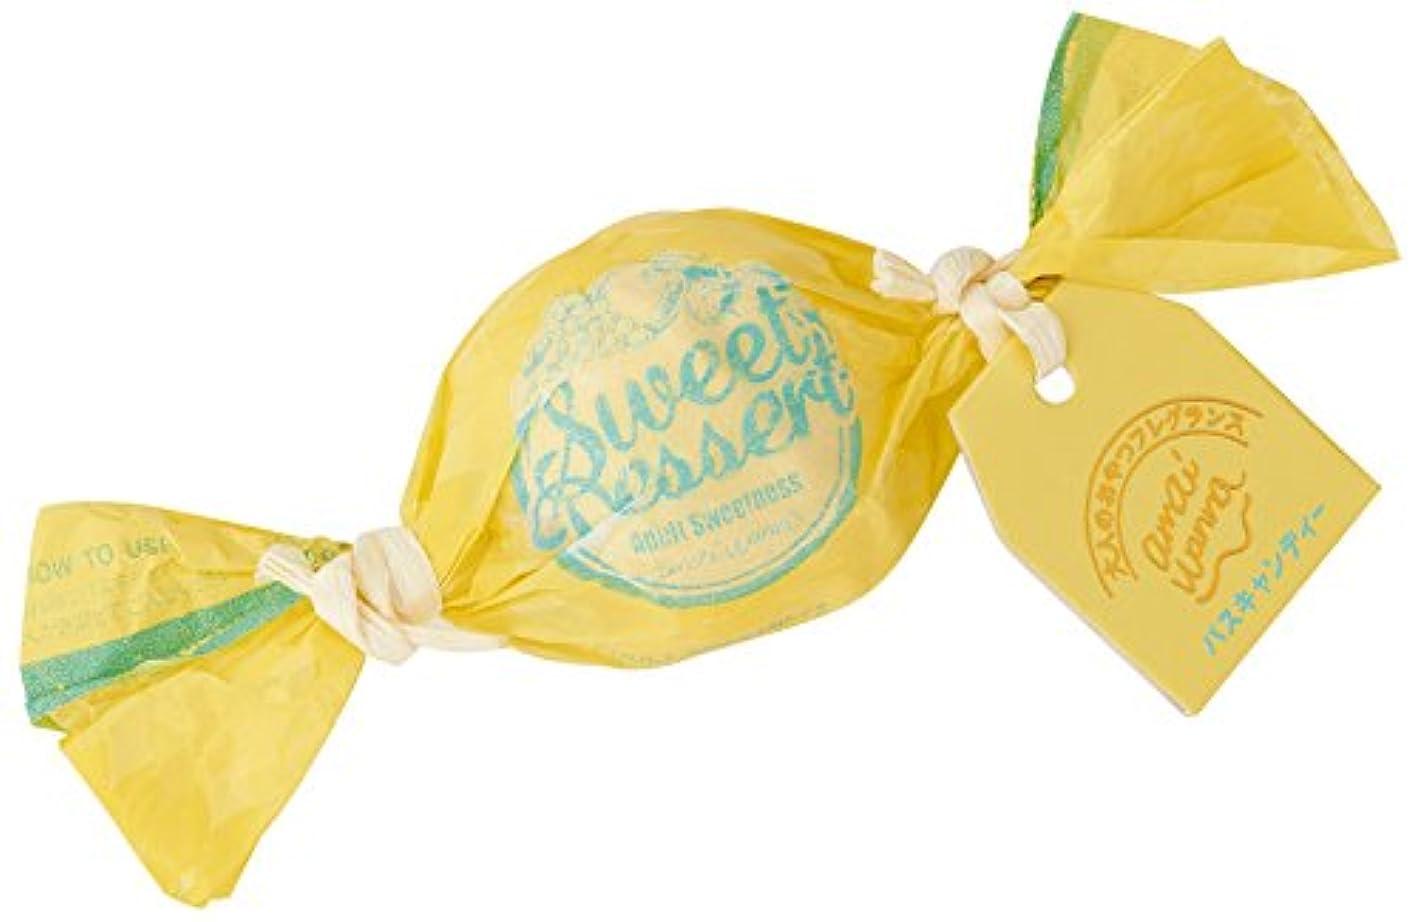 概要炎上ブルーベルアマイワナ バスキャンディー35g×12粒 大人の甘美デザート(発泡タイプ入浴料 フローラルと果実の香り)